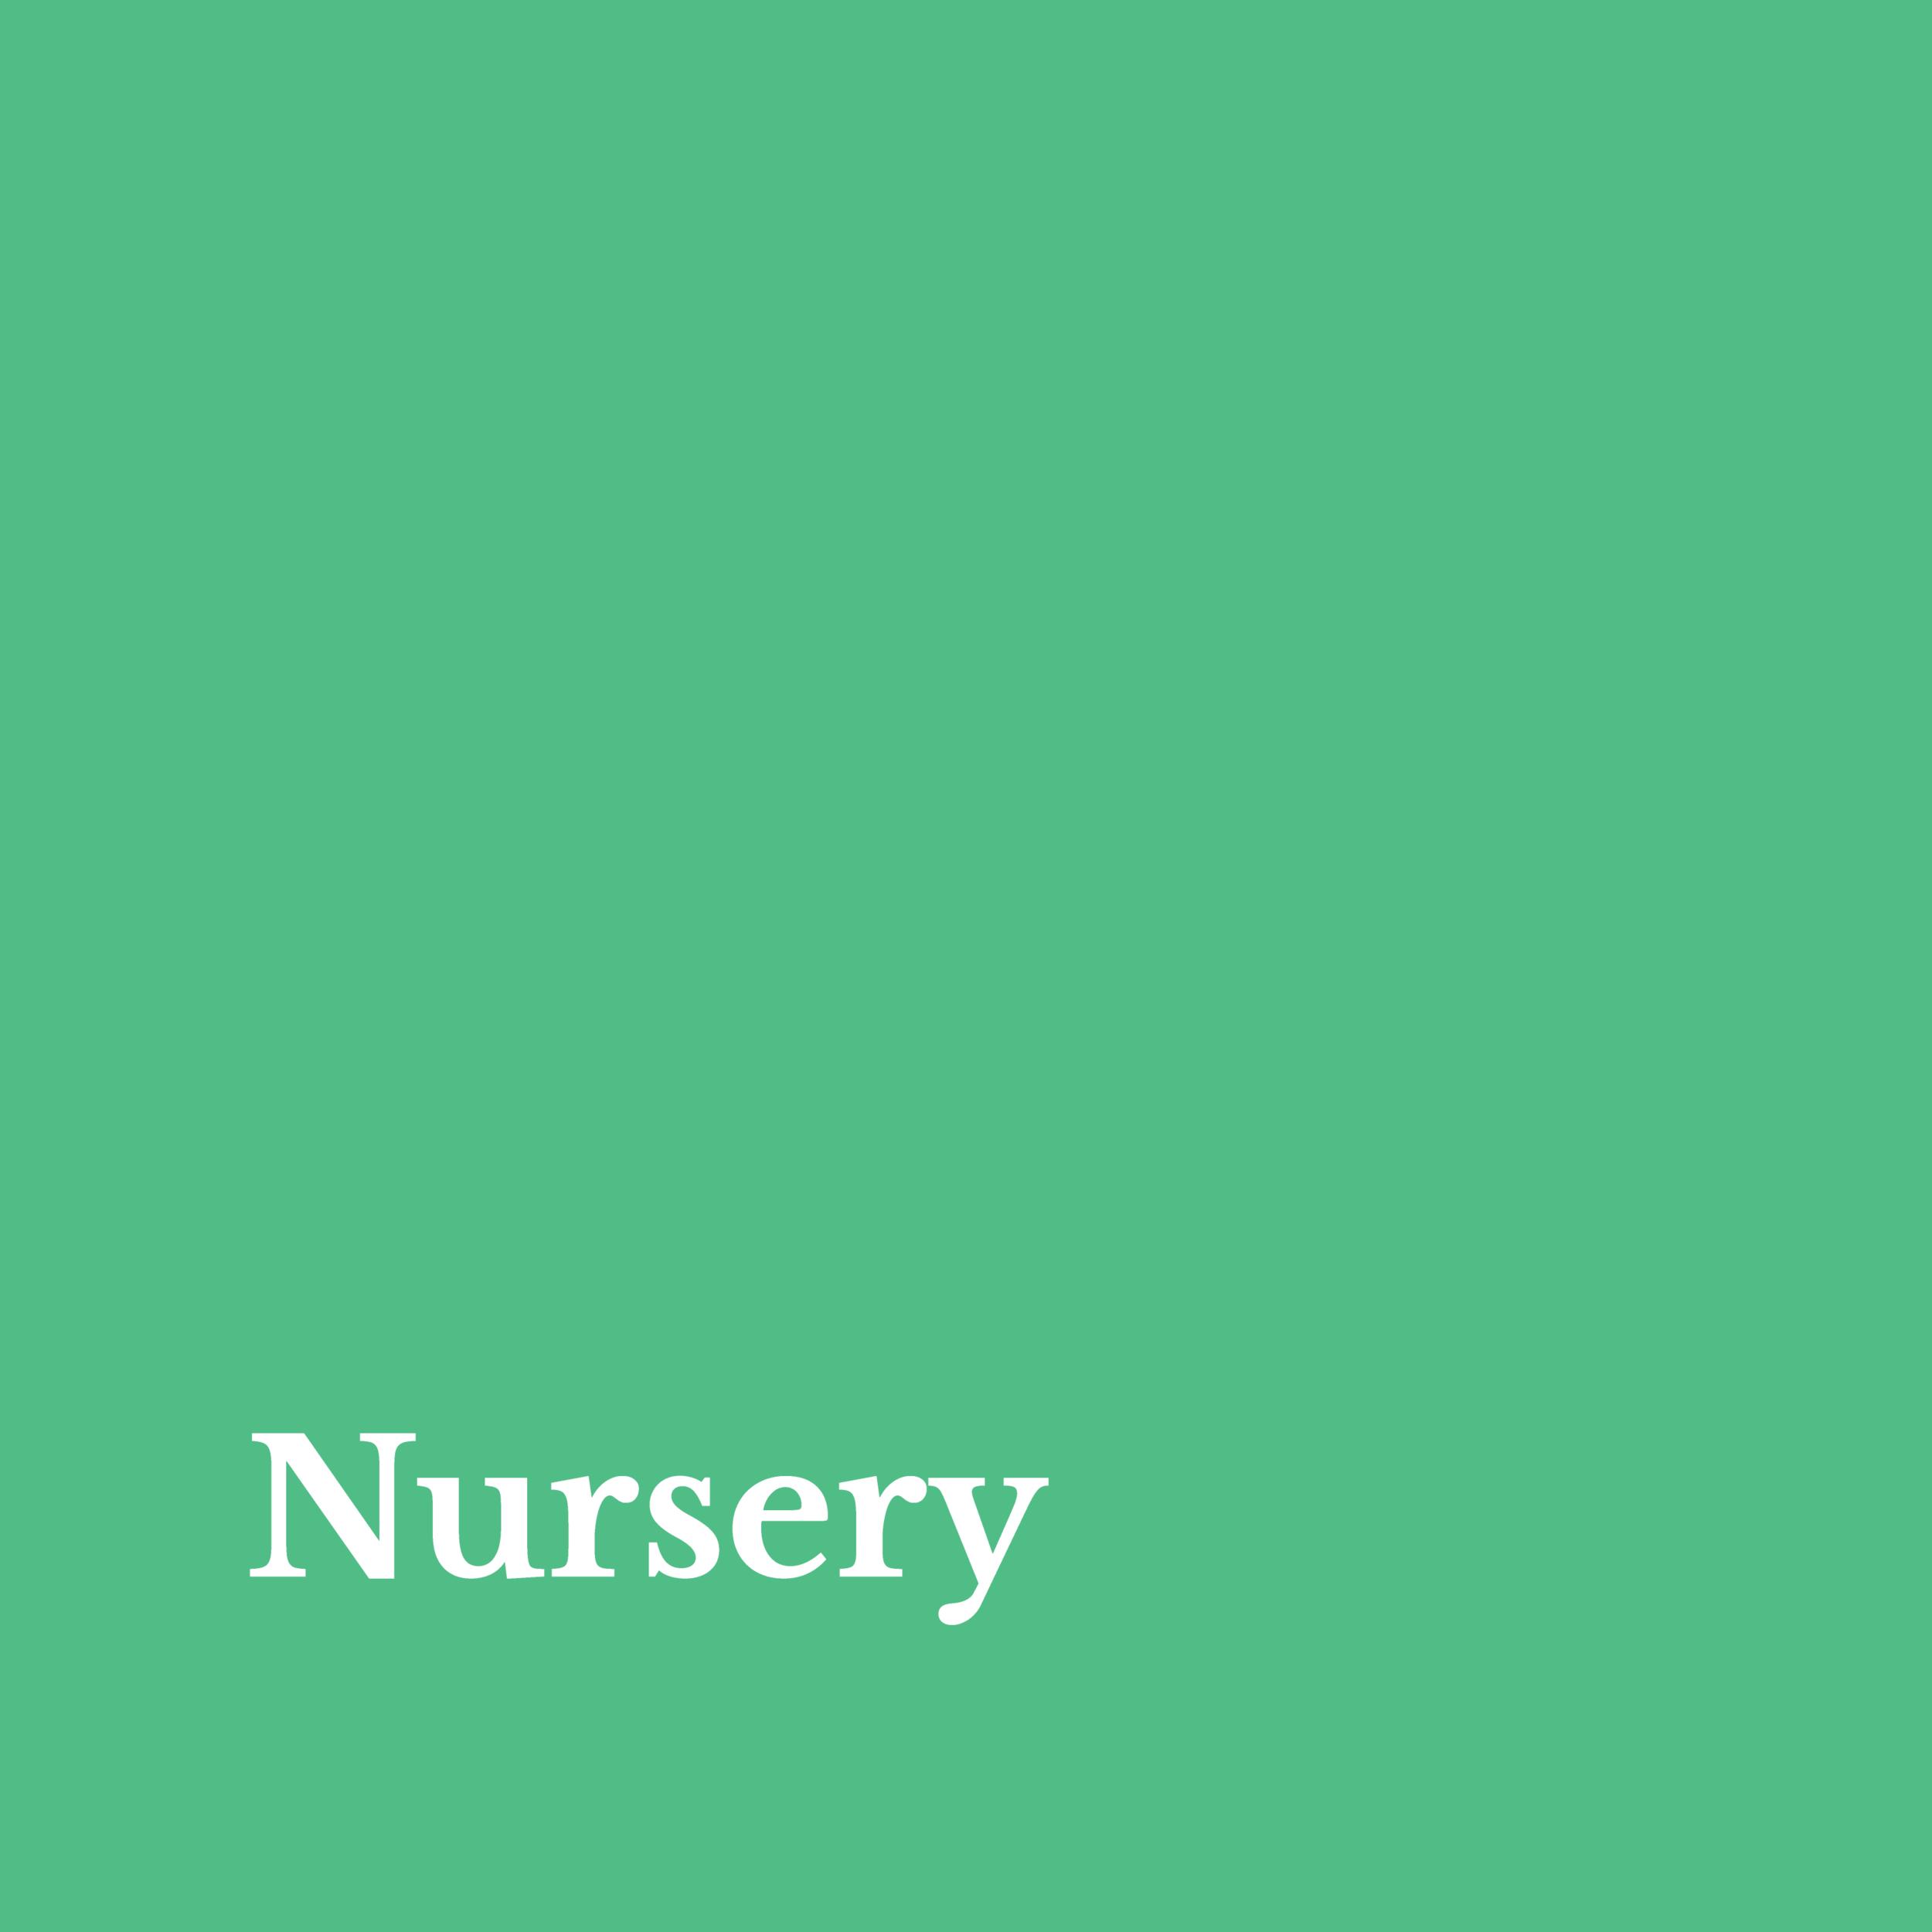 Nursery.png